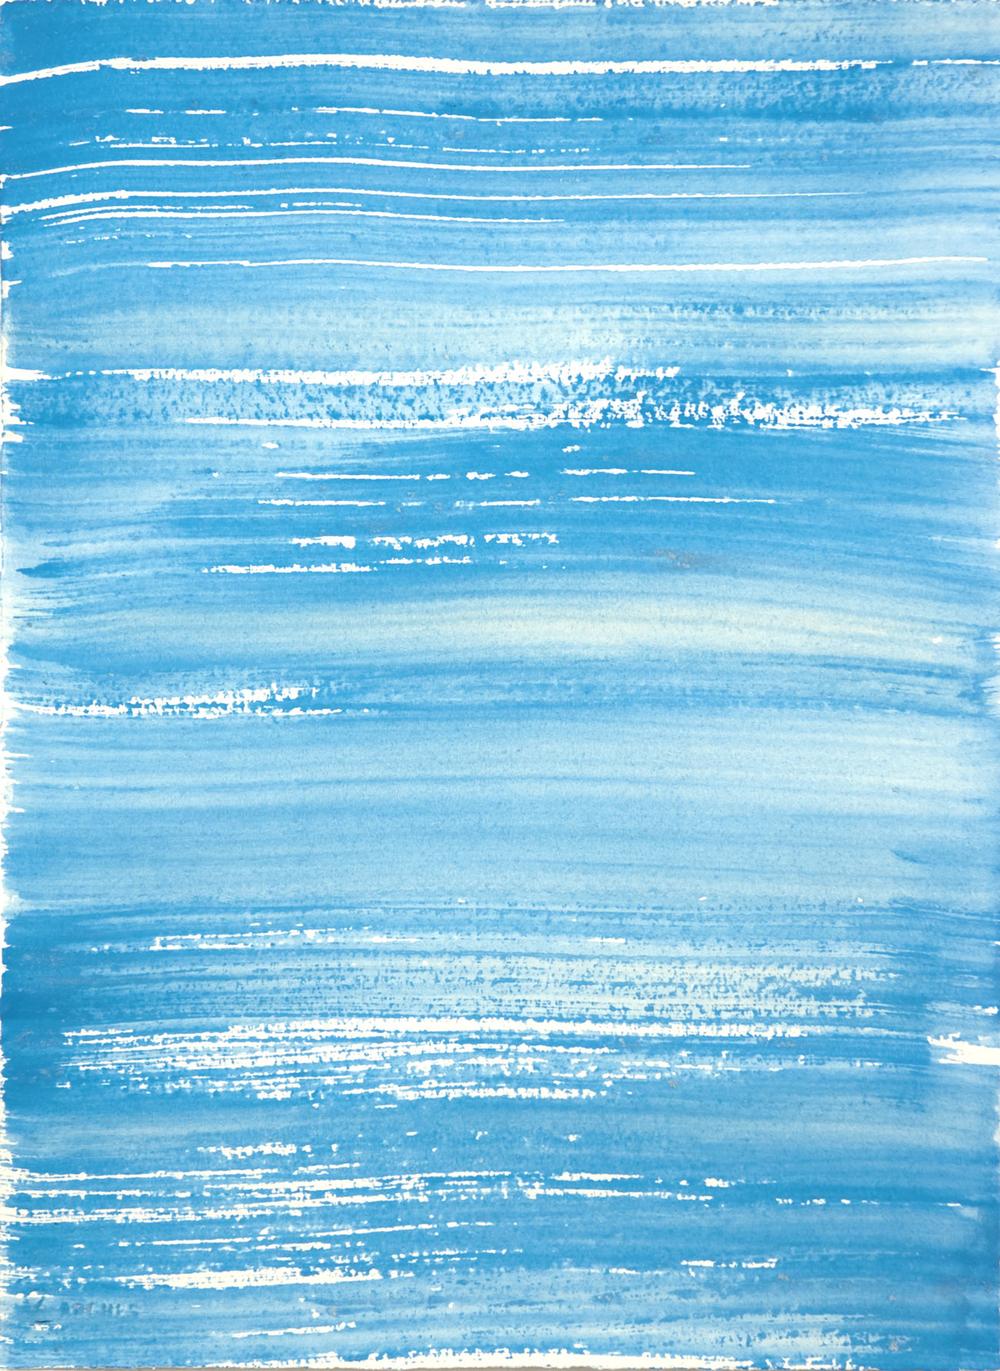 Schist 13 , 2011 casein on paper 15 x 11 in.